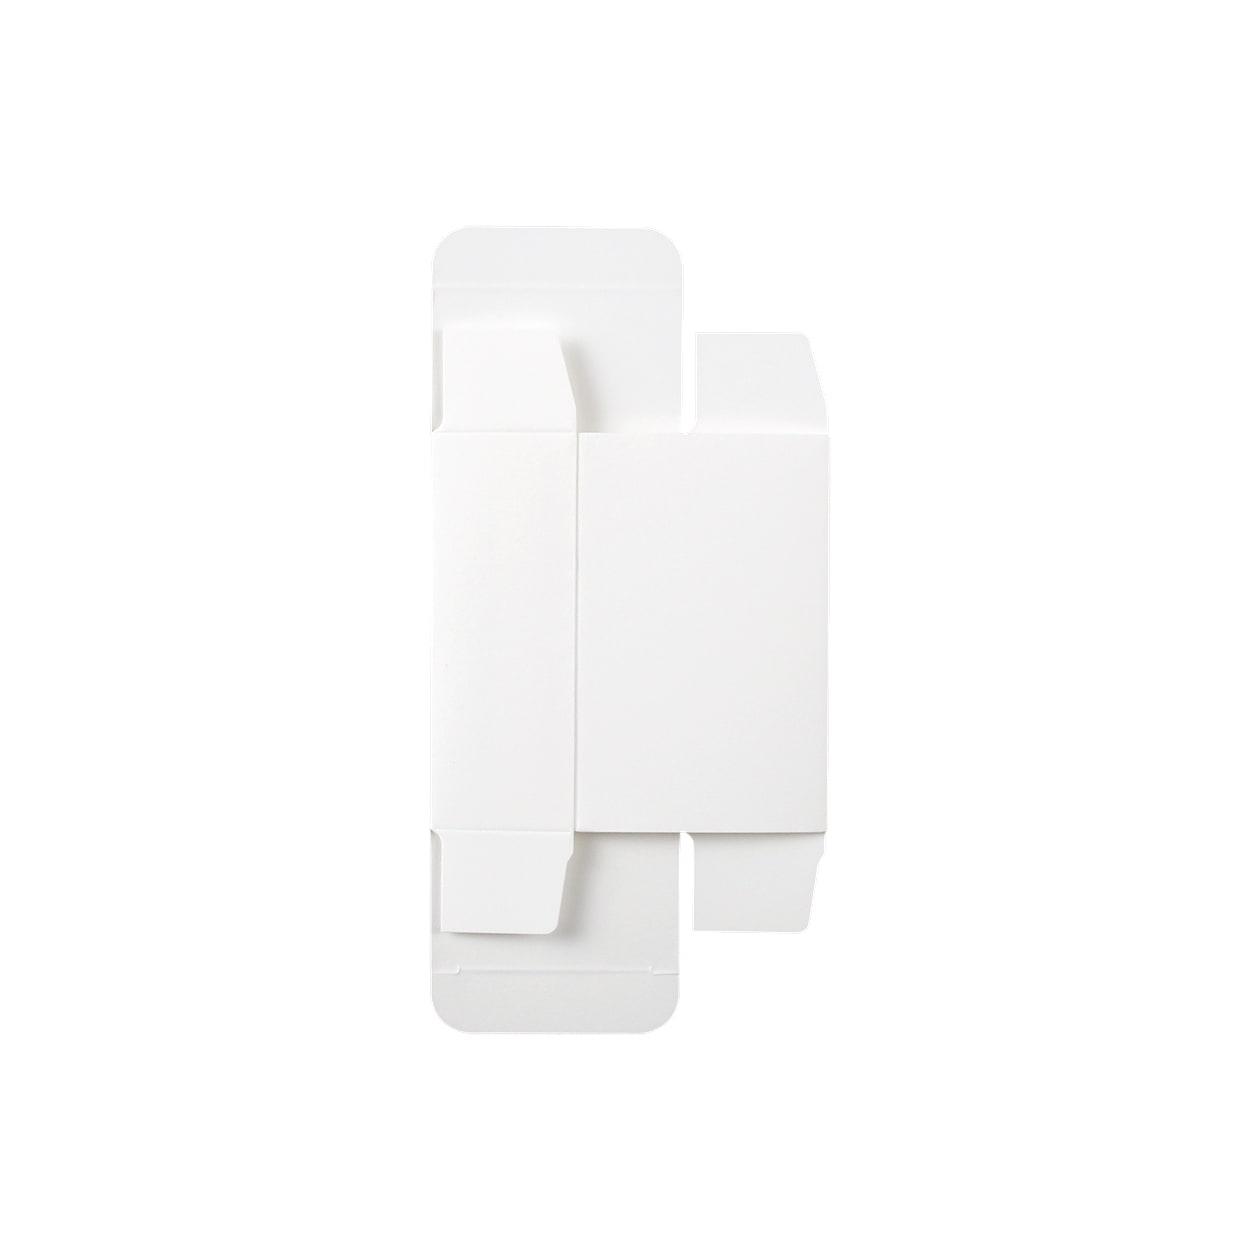 キャラメル箱60×35×95 コットン スノーホワイト 232.8g